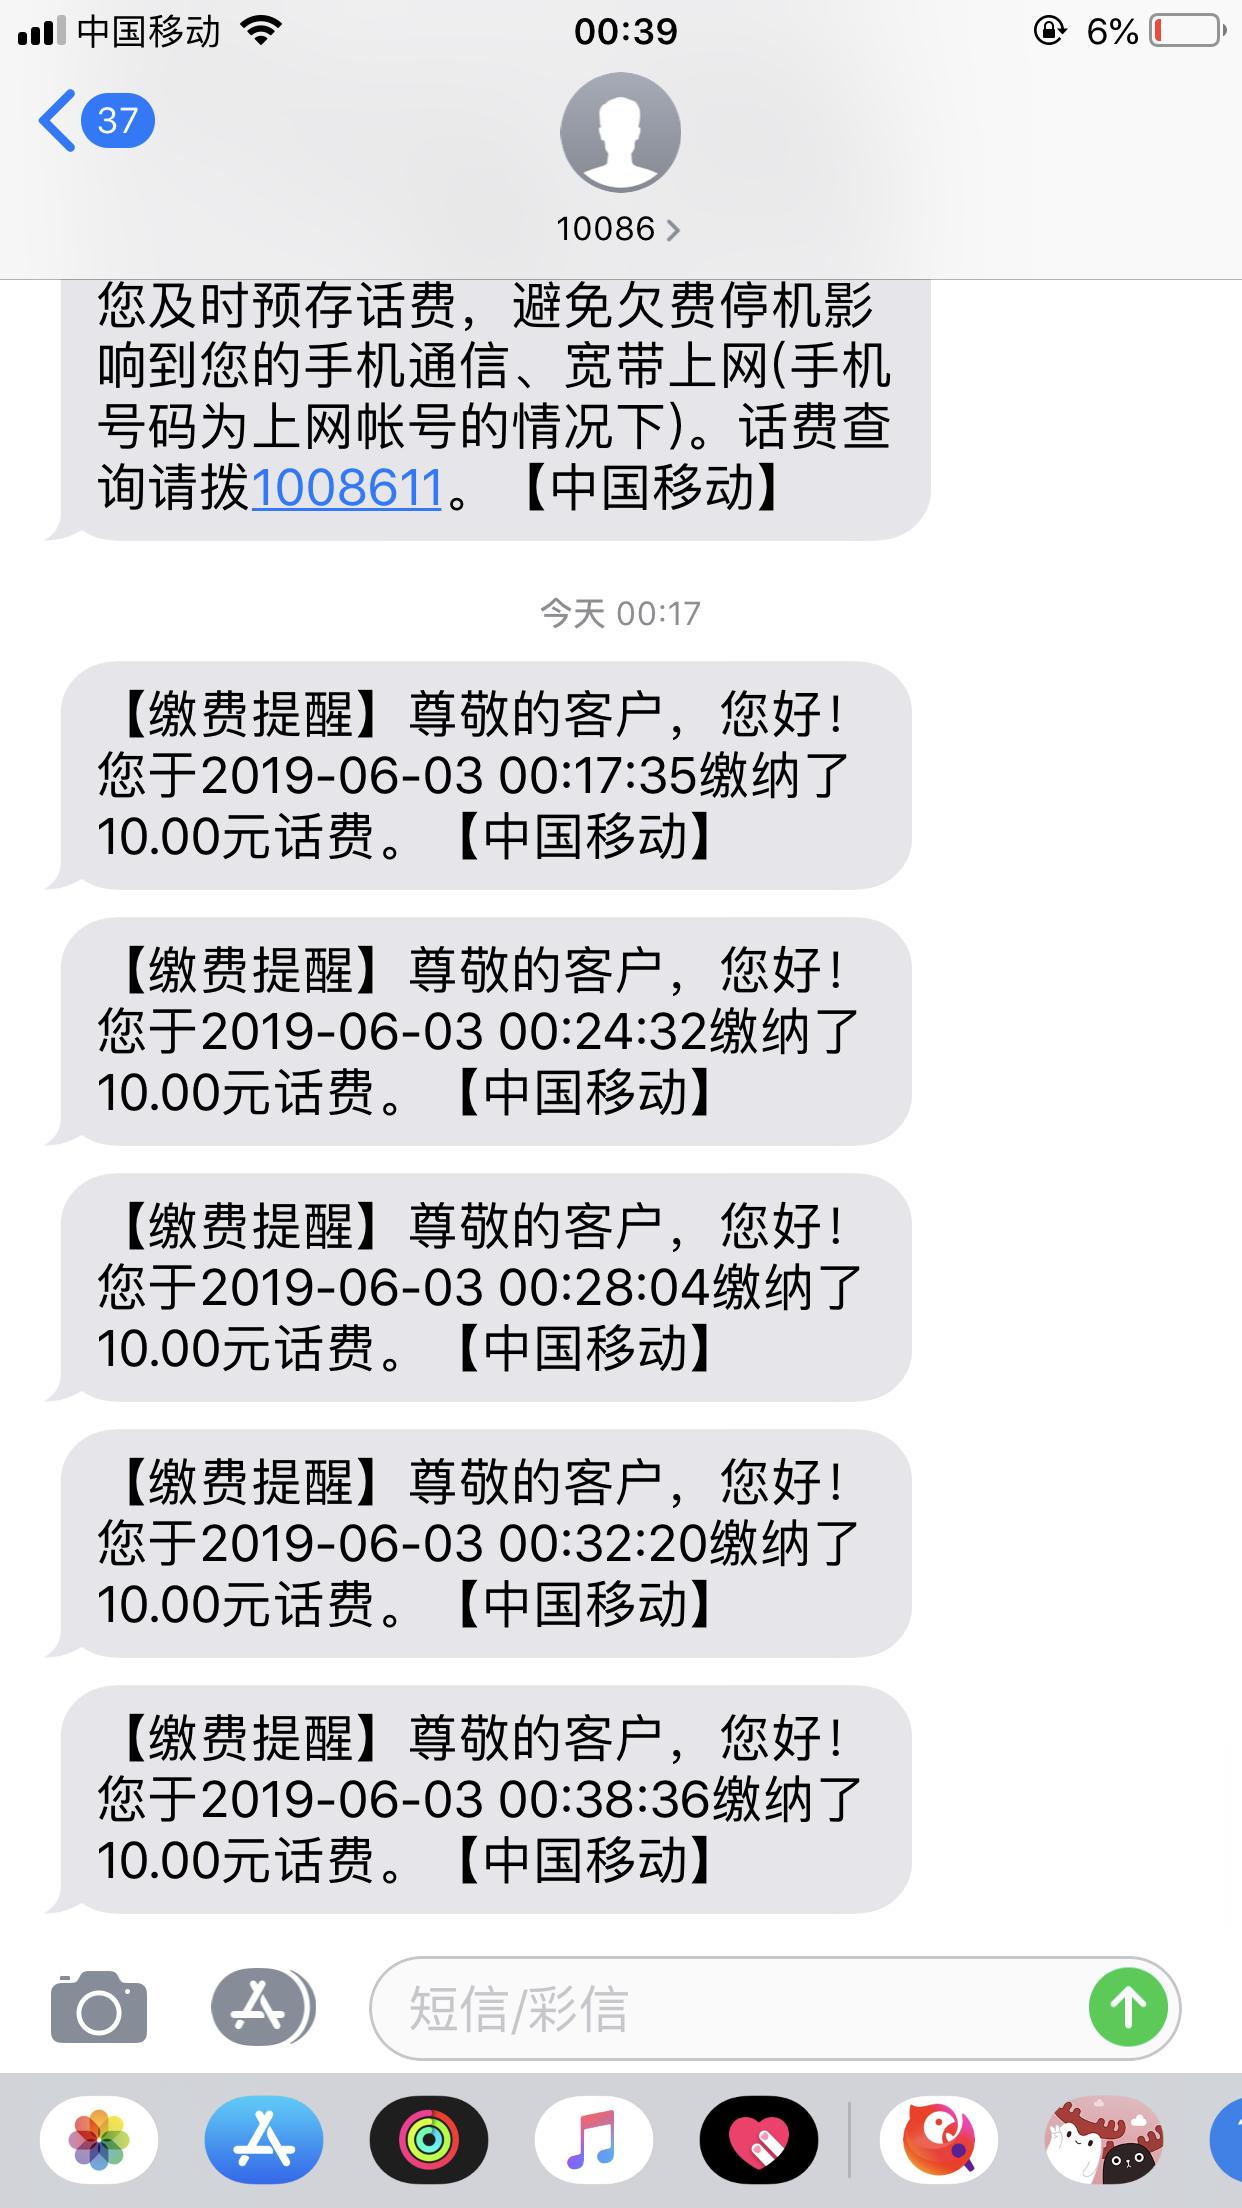 微信3.98元撸10元话费